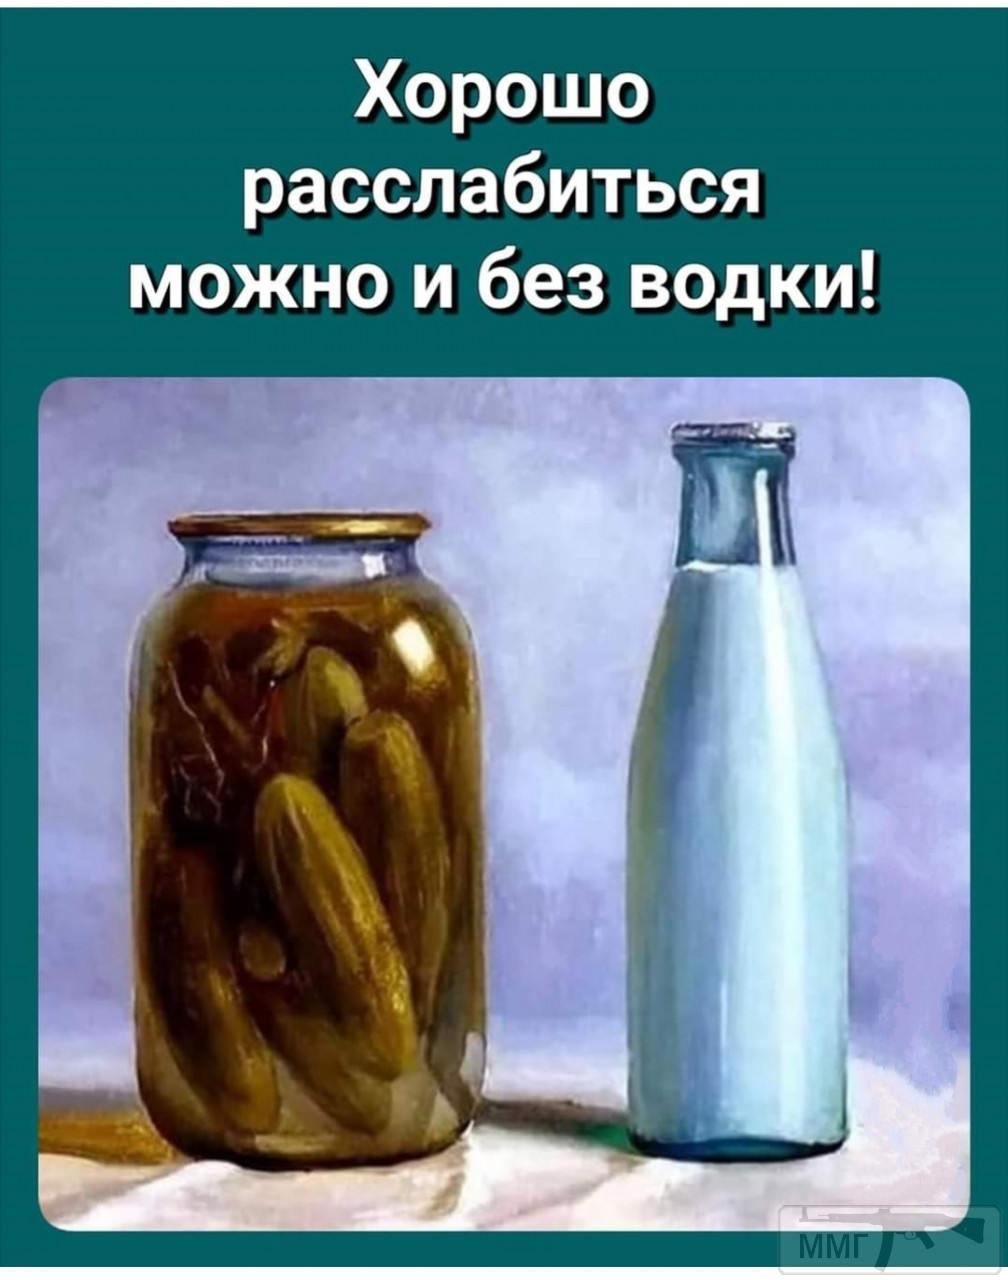 85334 - Пить или не пить? - пятничная алкогольная тема )))